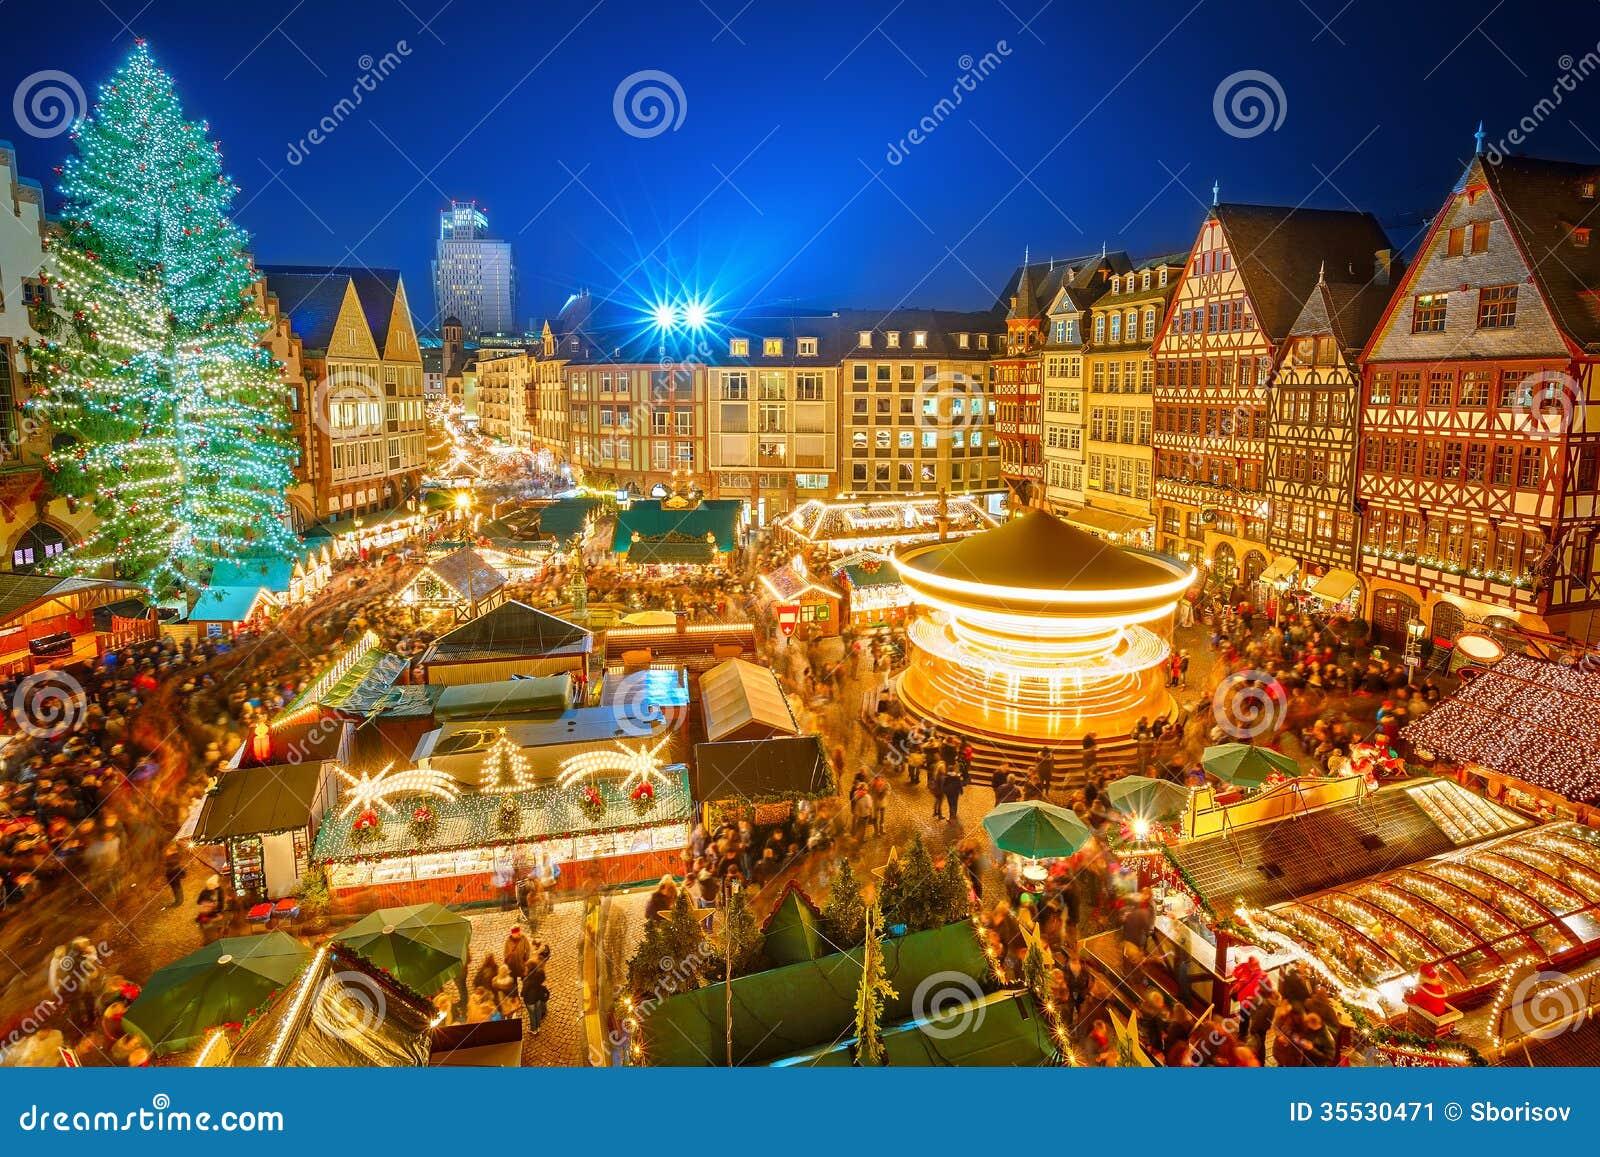 marché de noel francfort Marché de Noël à Francfort image stock. Image du christmastime  marché de noel francfort